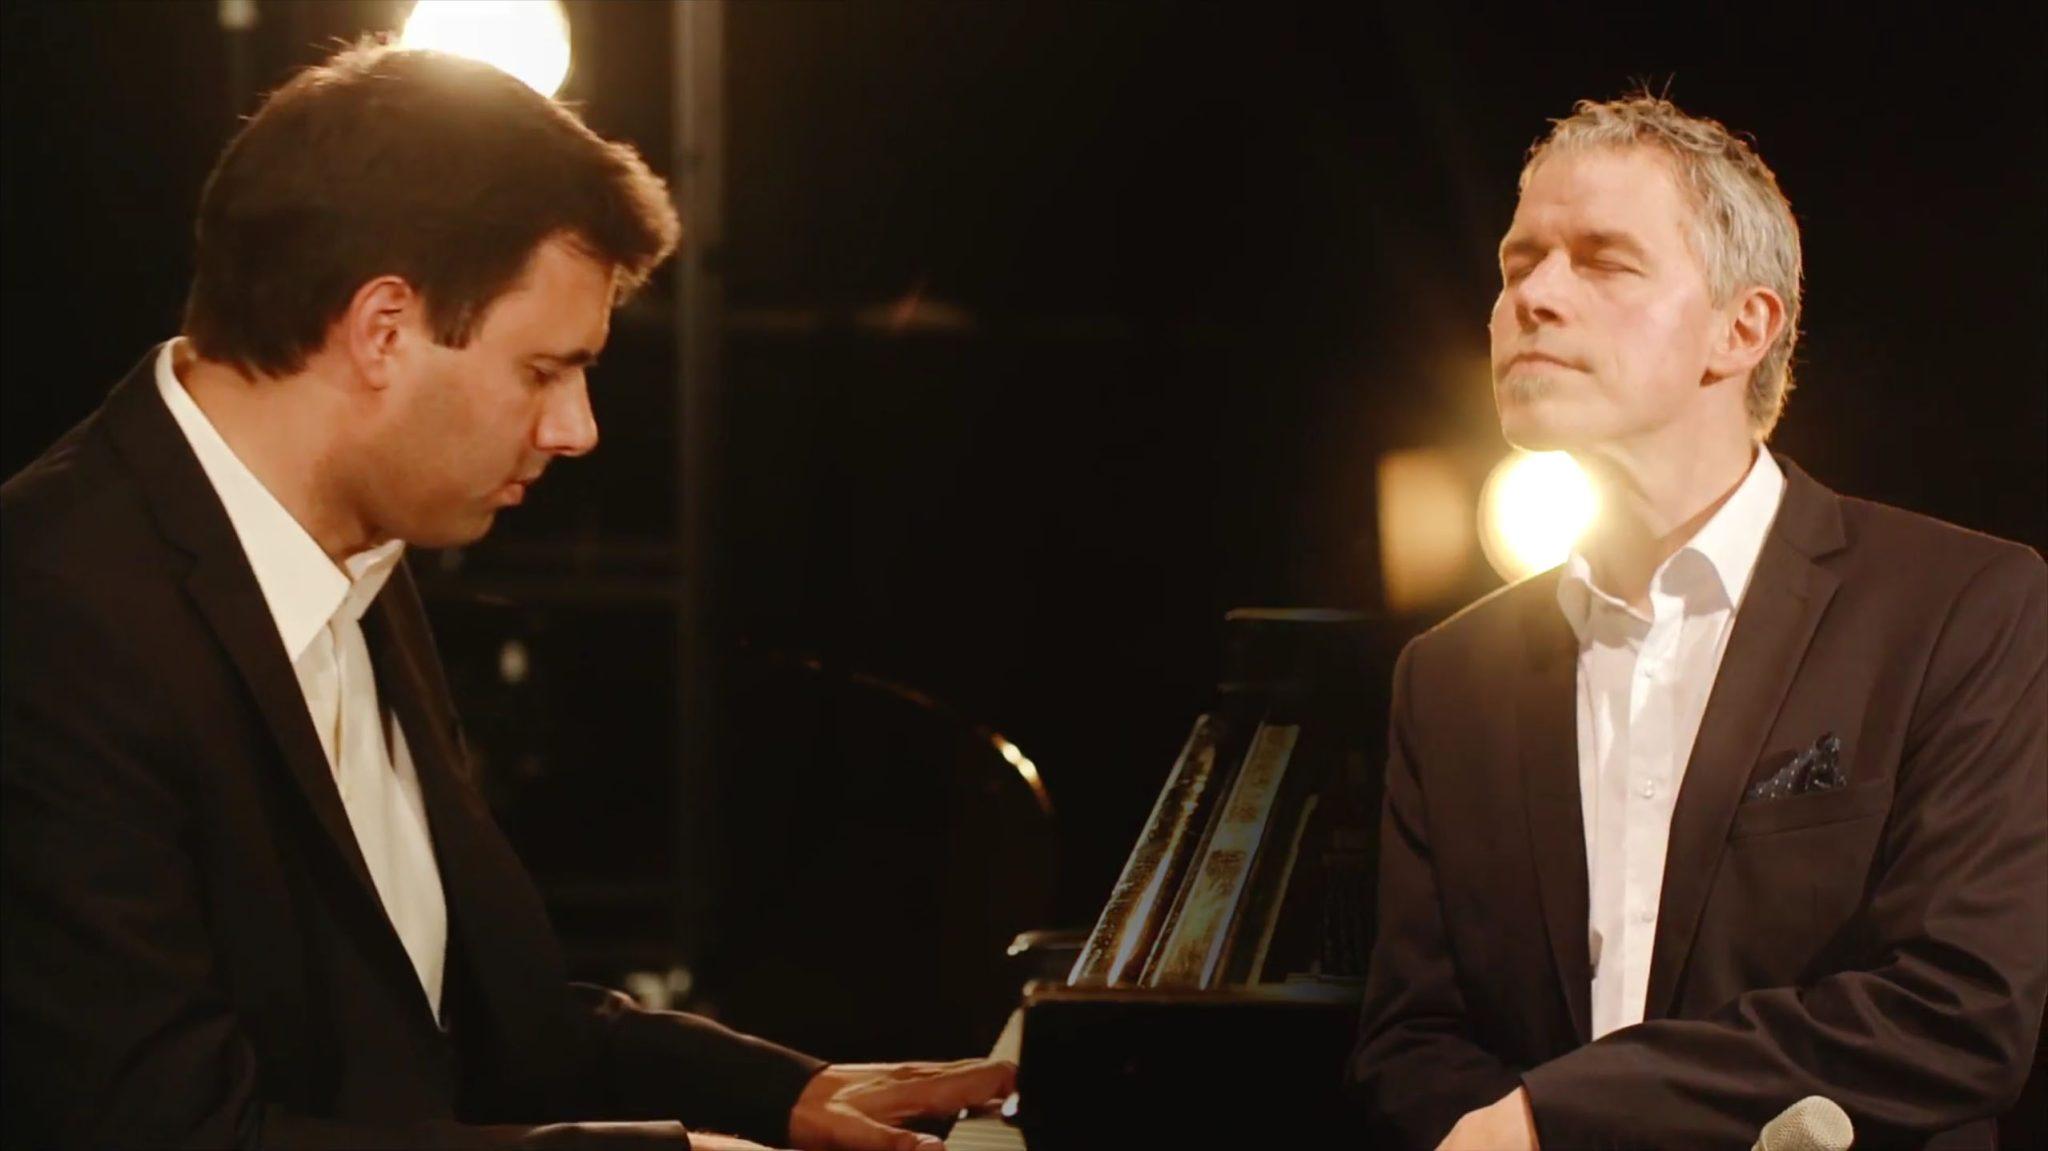 Live-Mitschnitt Musikvideo für Sinatra Music Duo / Köln